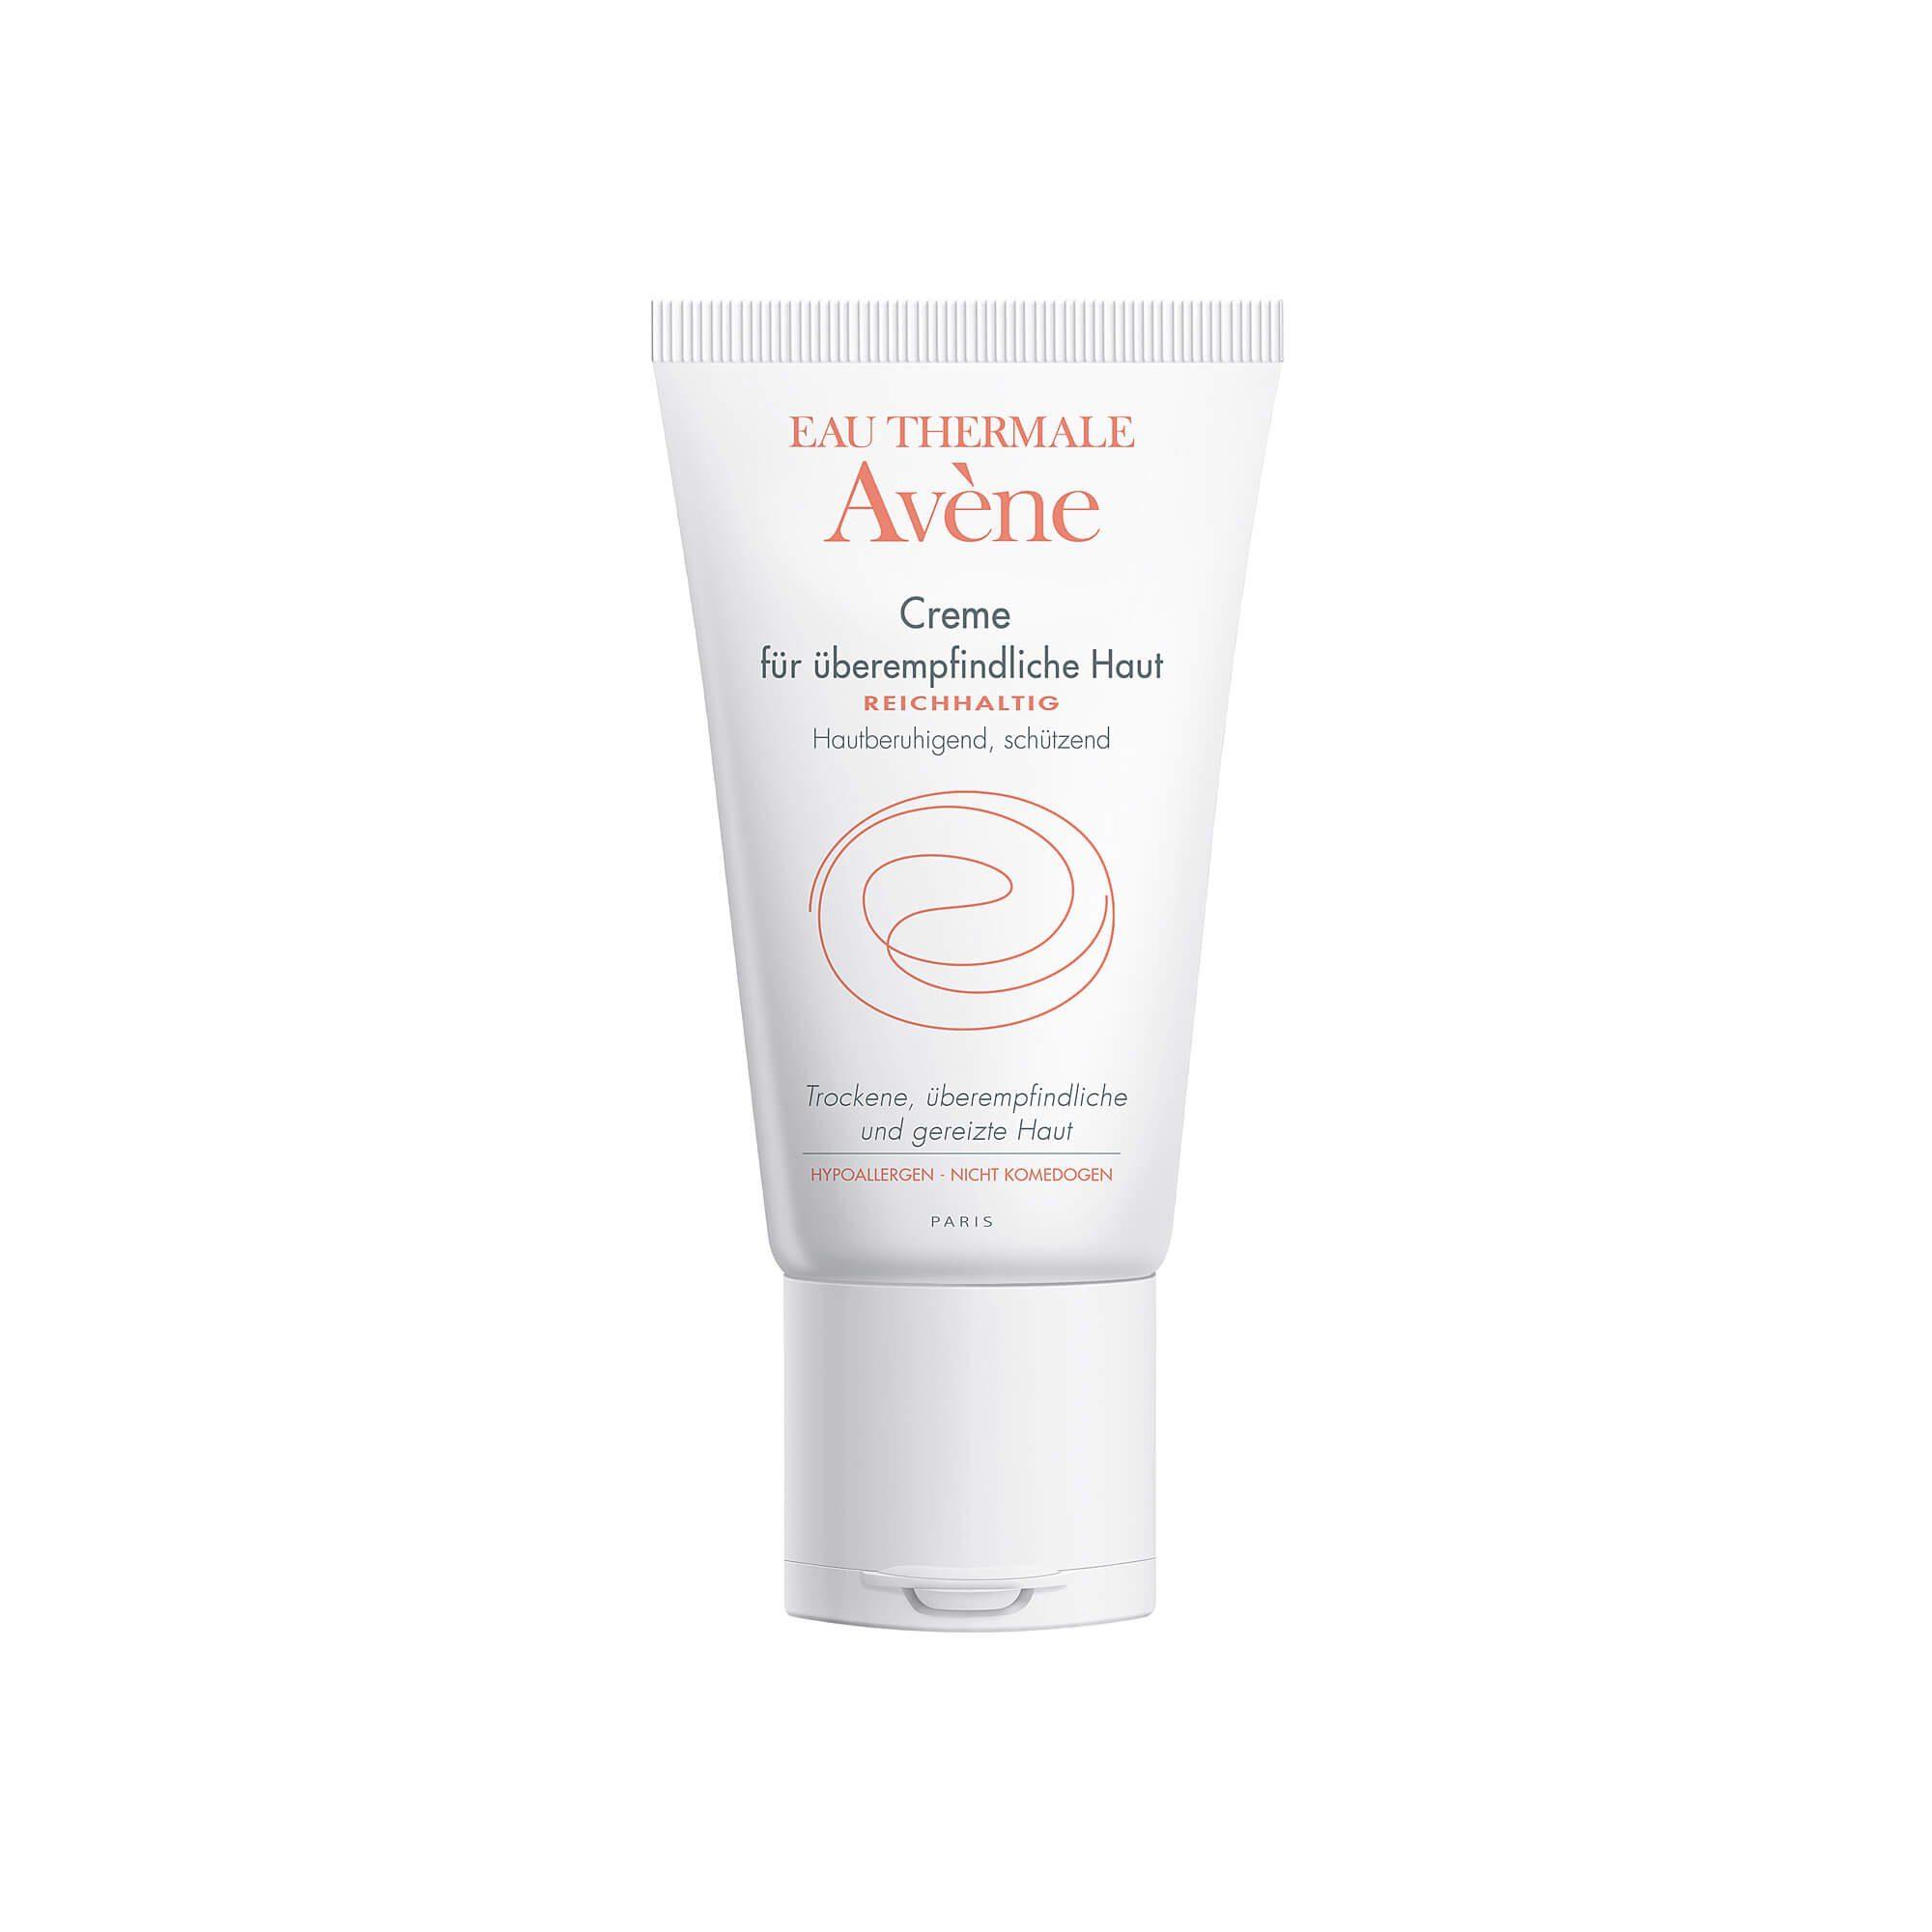 Avene Avene Creme für überempfindliche Haut reichhaltig, 50 ml